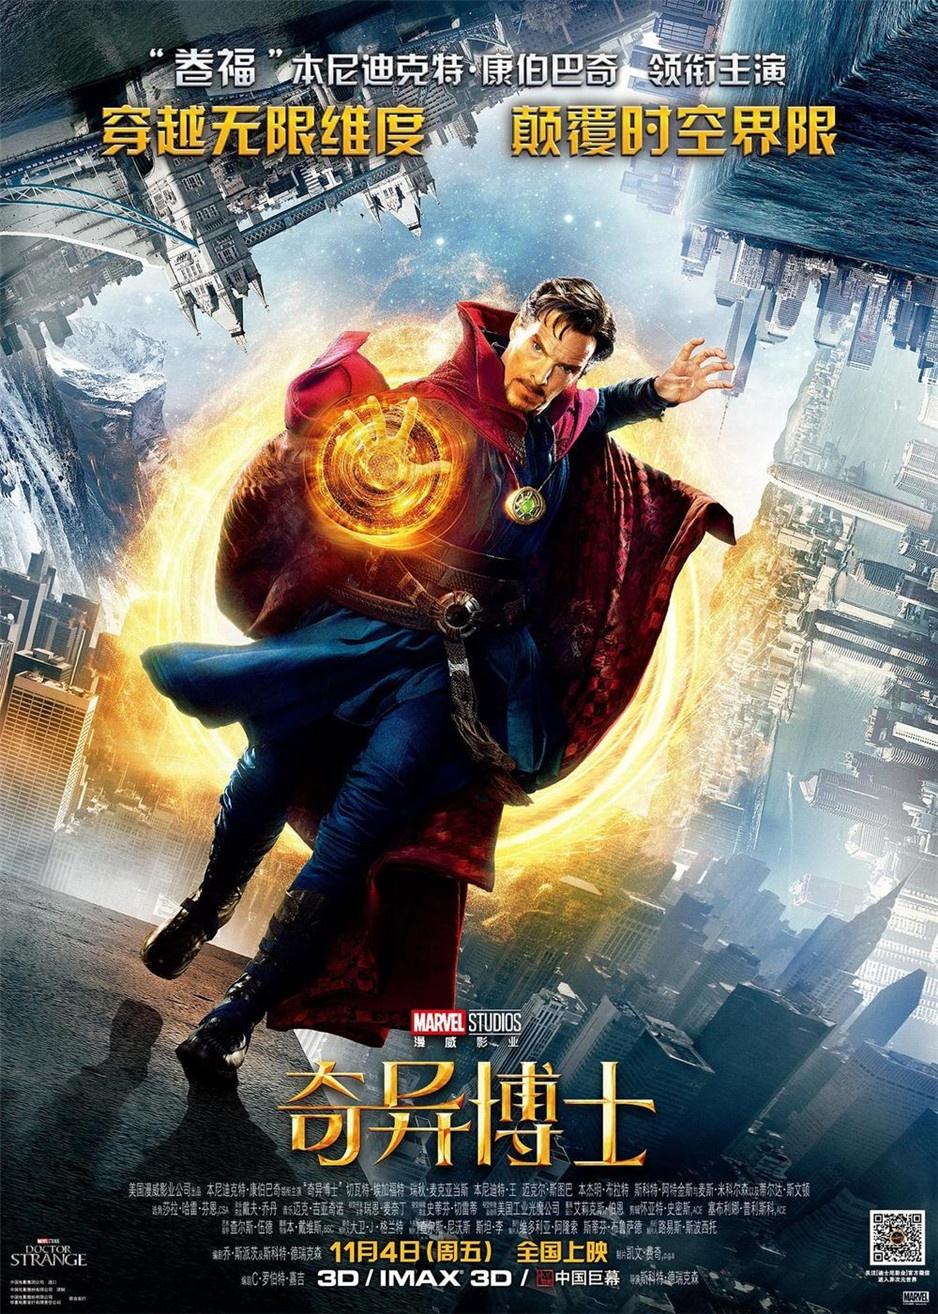 最新电影《奇异博士》中文版海报